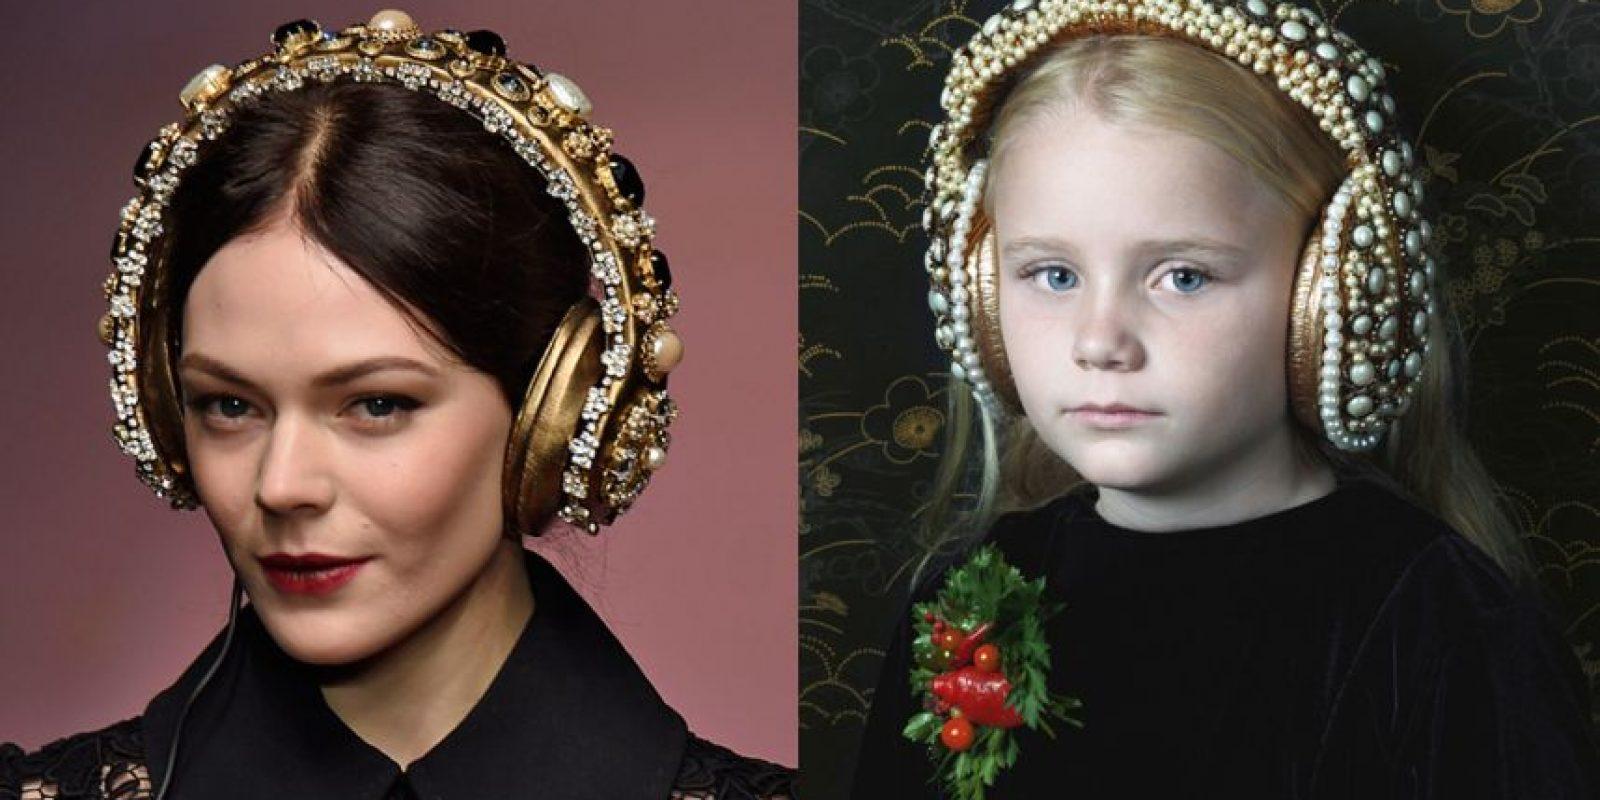 La imagen de la izquierda son los audífonos de la colección de la marca italiana; los de la izquierda son de la artista colombiana, Adriana Duque.